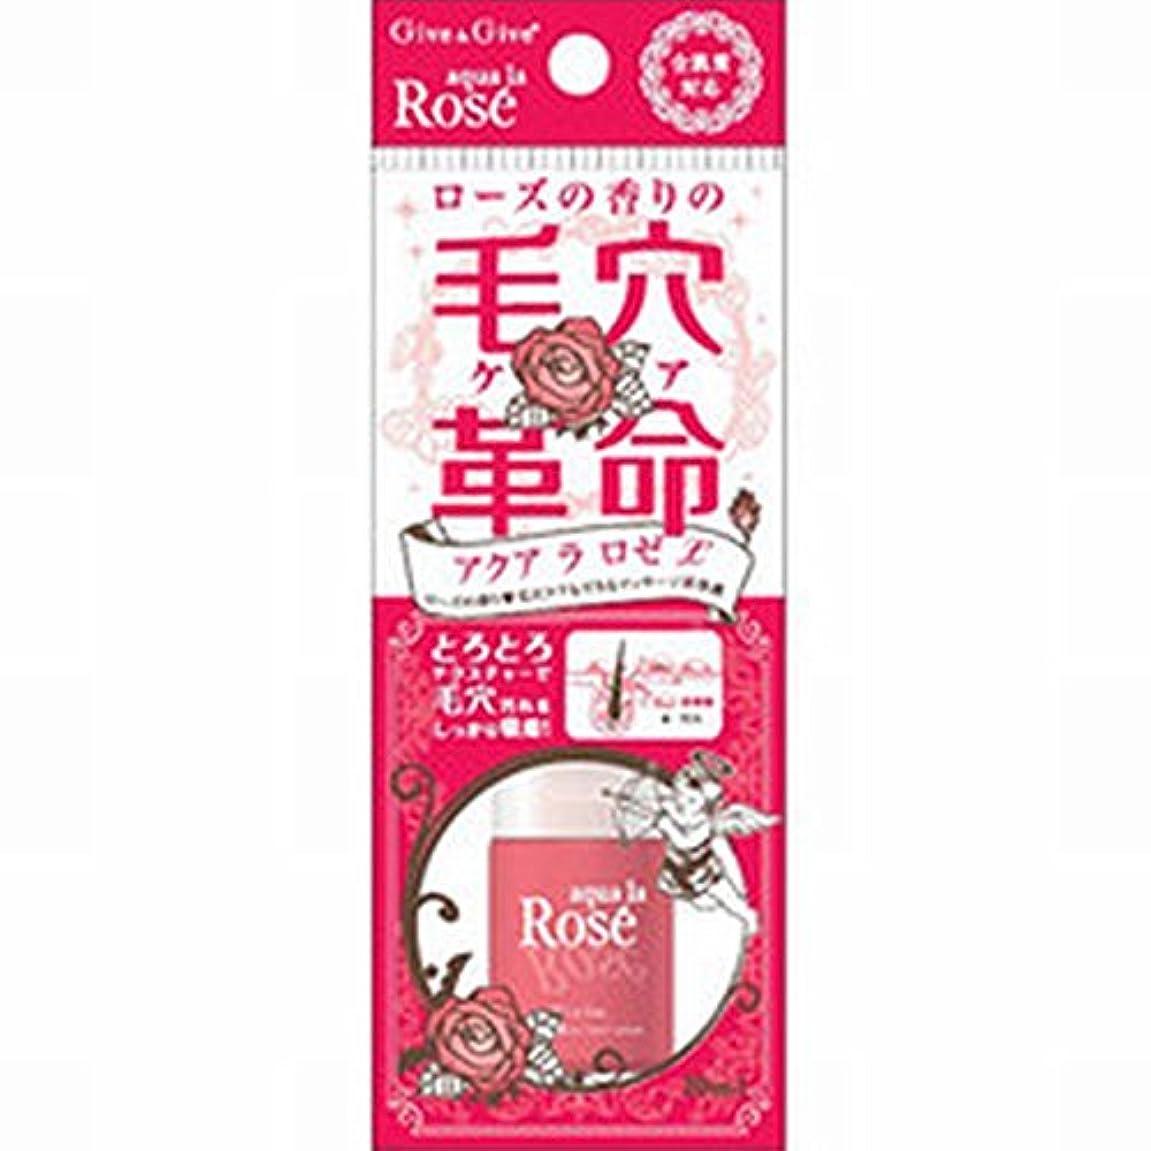 迷惑プロポーショナルバンジージャンプ毛穴革命 アクア ラ ロゼ L (お試しサイズ) ローズの香り 10ml